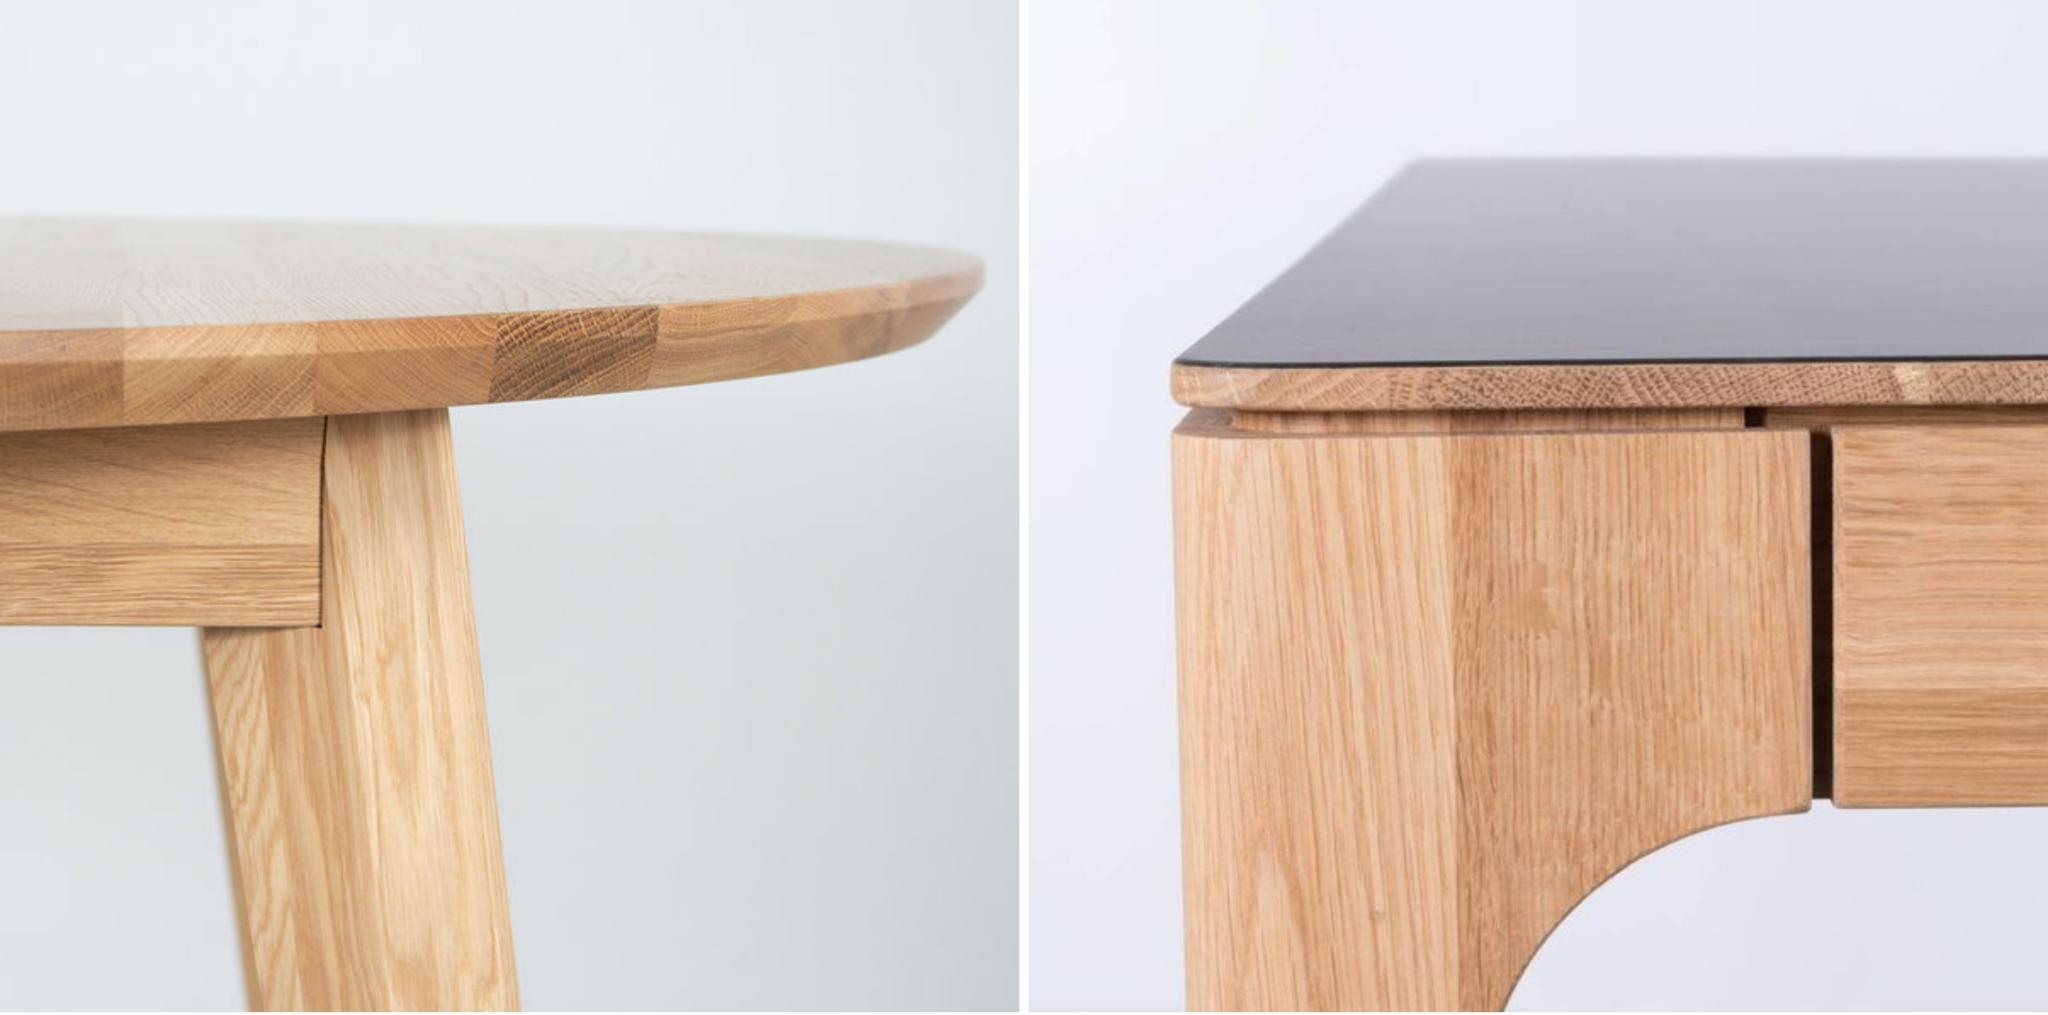 7 tips schoonhouden houten tafel